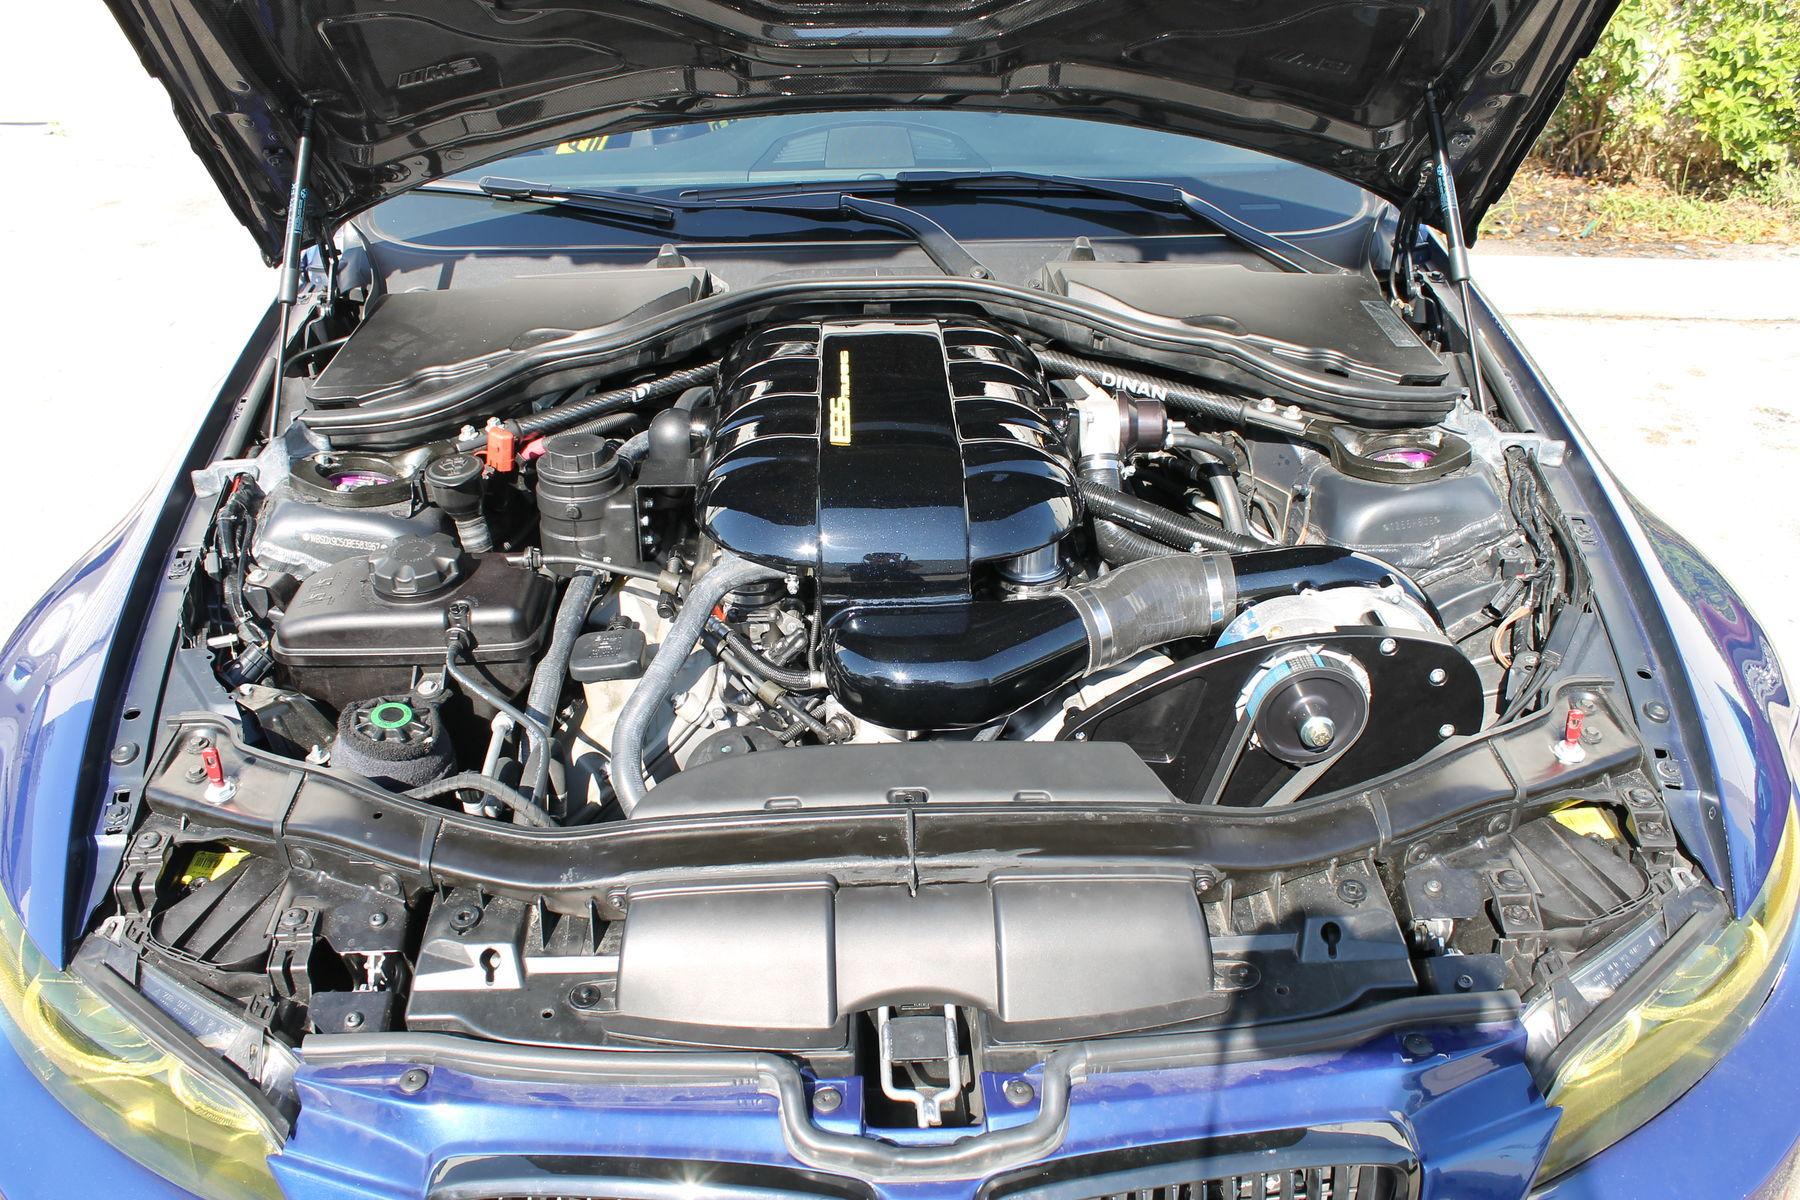 BMW M3 | Supercharged Dinan BMW e93 M3